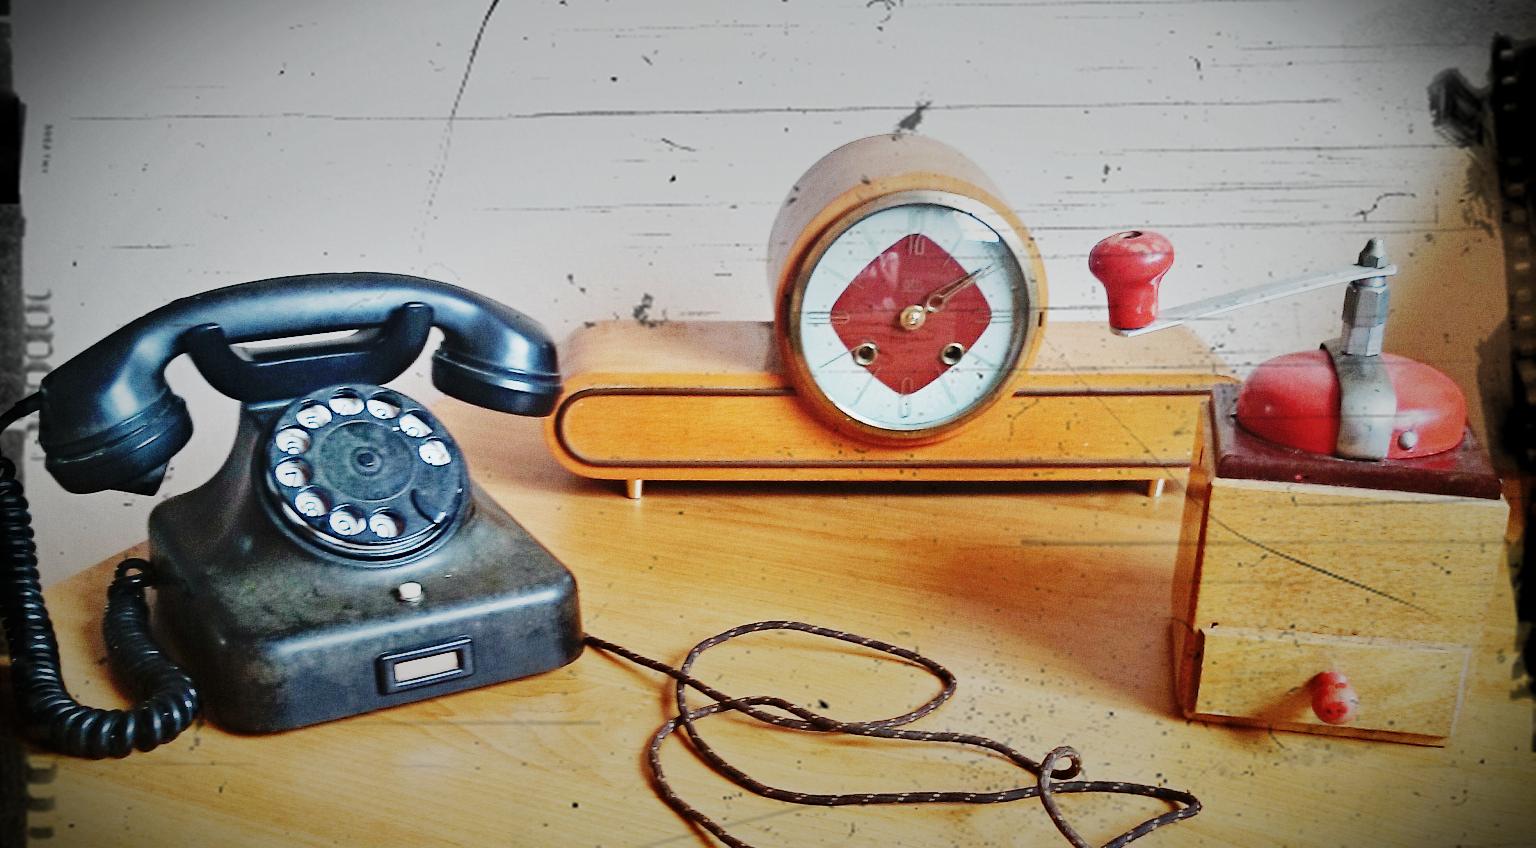 telefon retro,stary telefon,stary telefon z cyferblatem,stary zegar zabytek antyk,targ staroci,stare przedmioty w nowoczesnym wnętrzu,blog wnętrzarski,blogerka,zegar antyk,piękny stary zegar,nakręcany zegar,jak nakręcać stary drewniany zegar,vintage